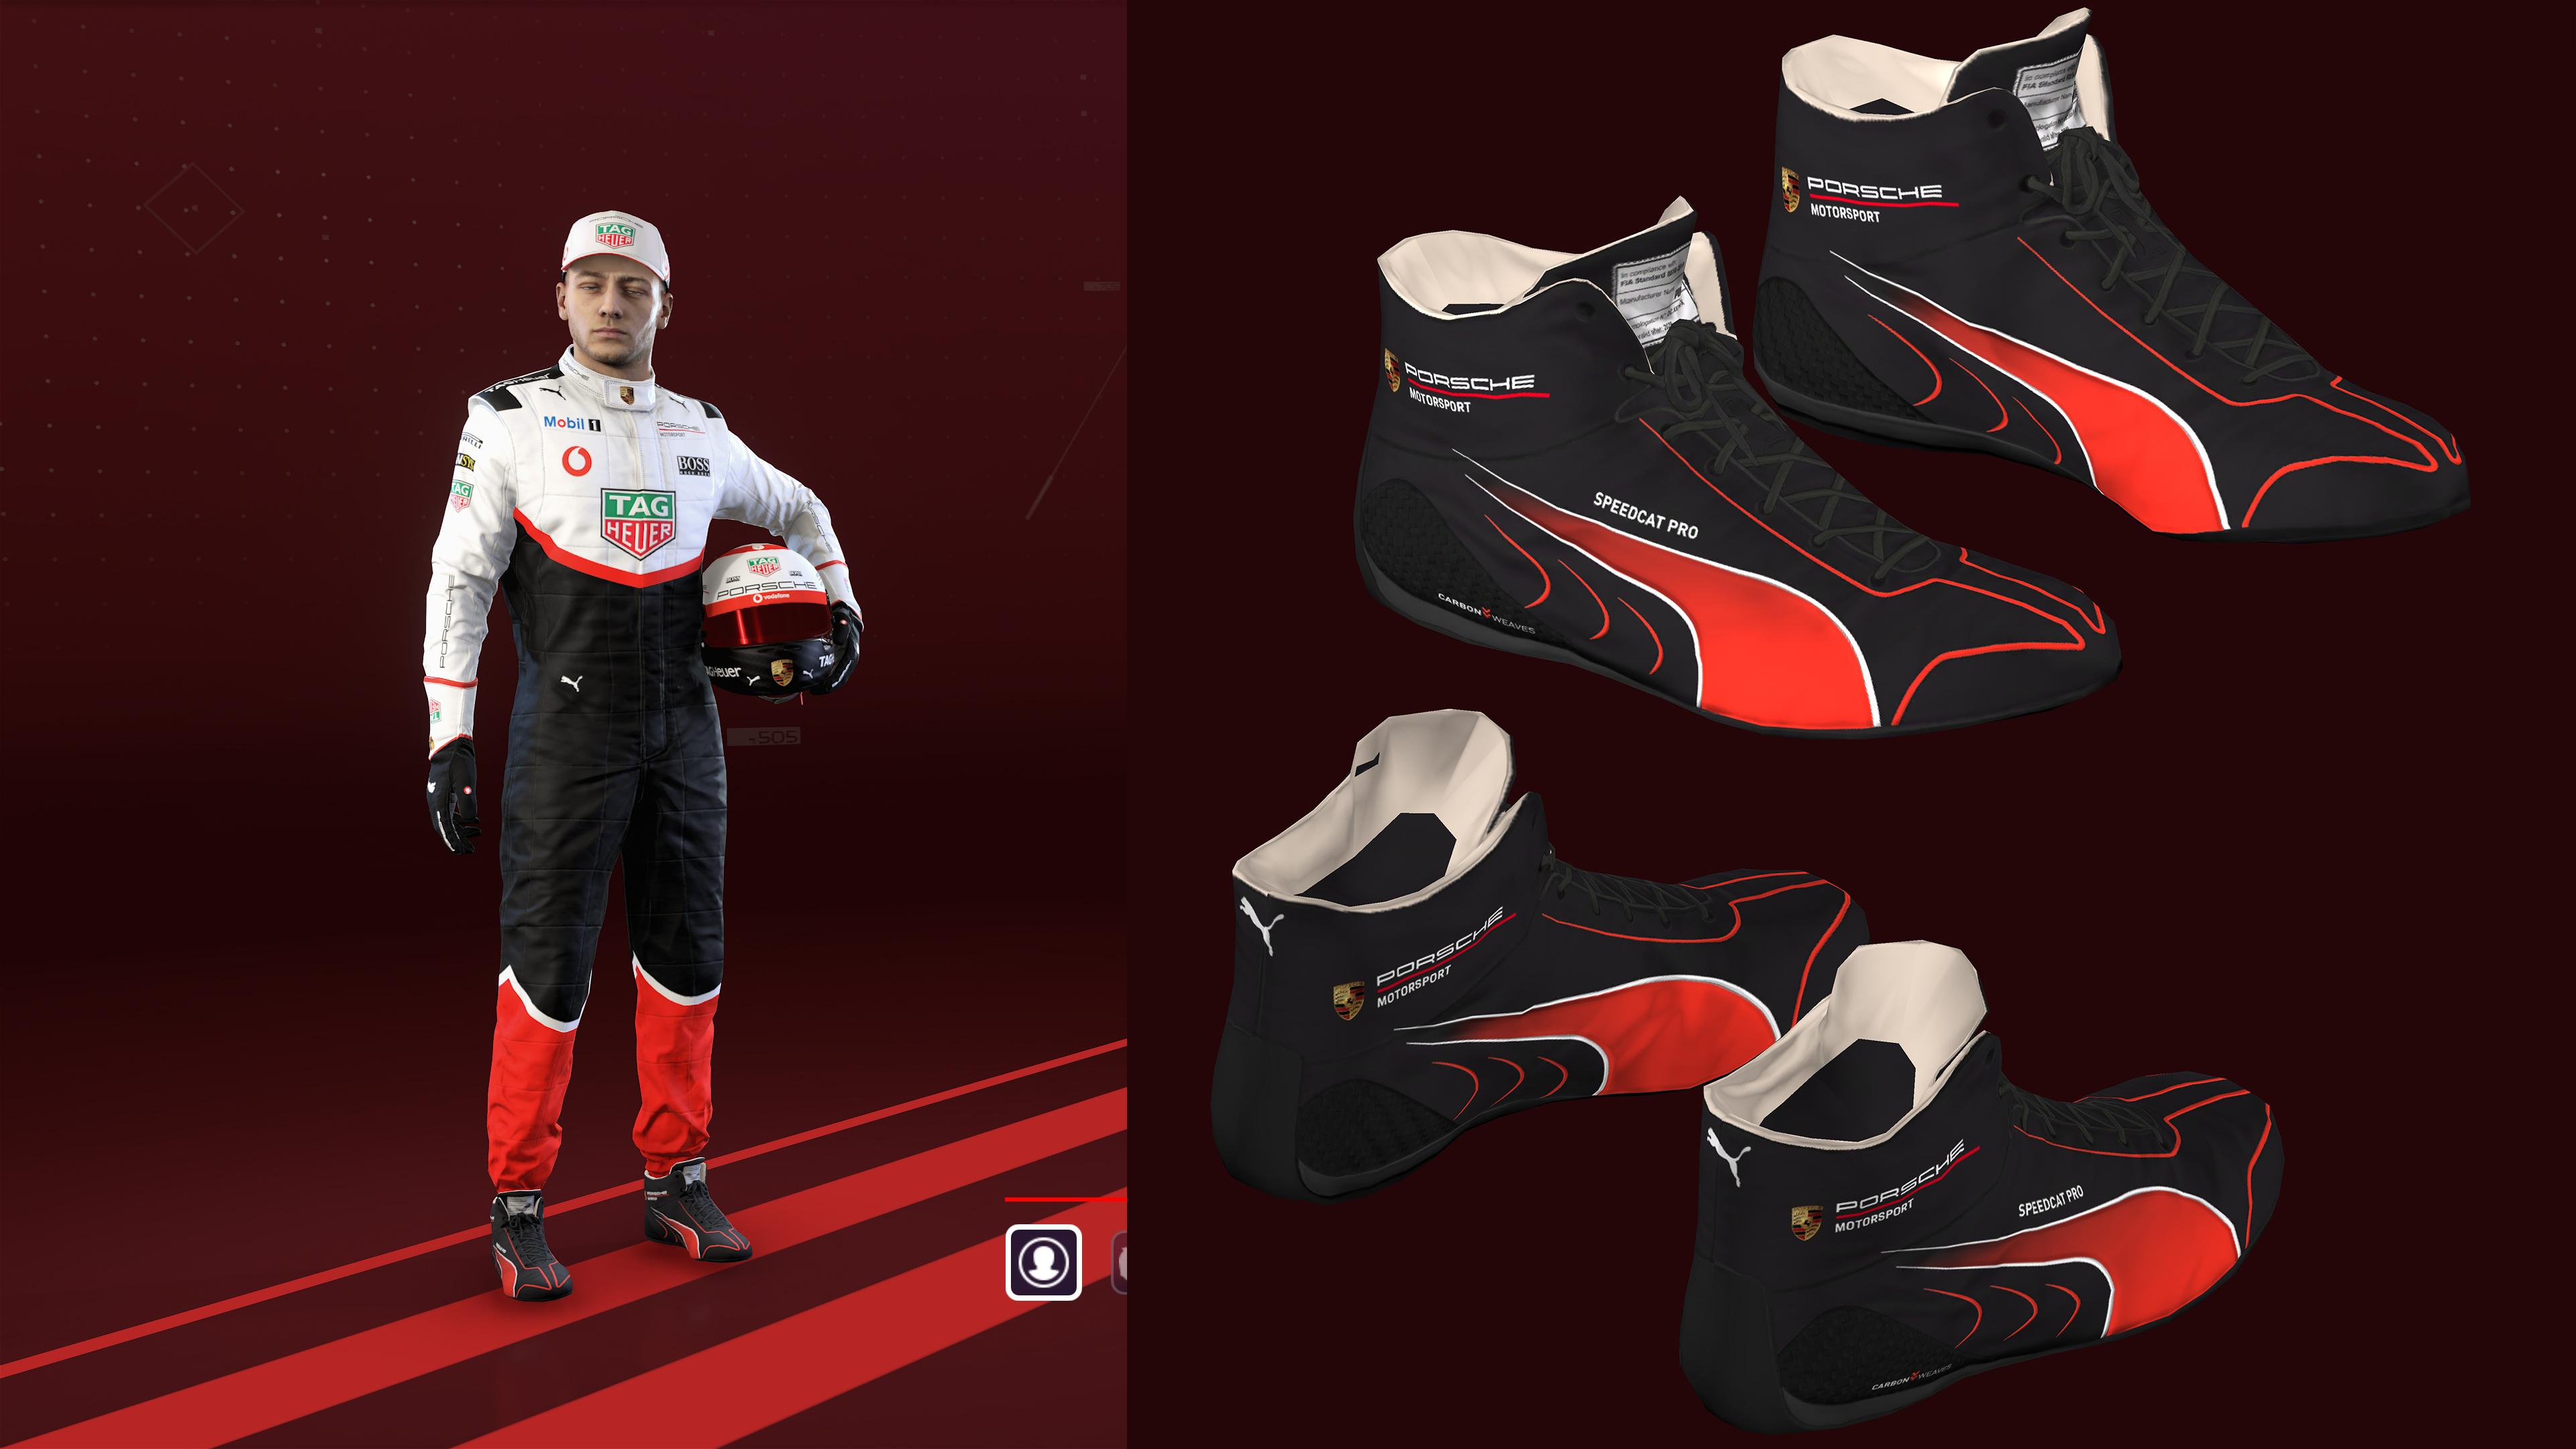 Driver_Suit_Shoes.jpg